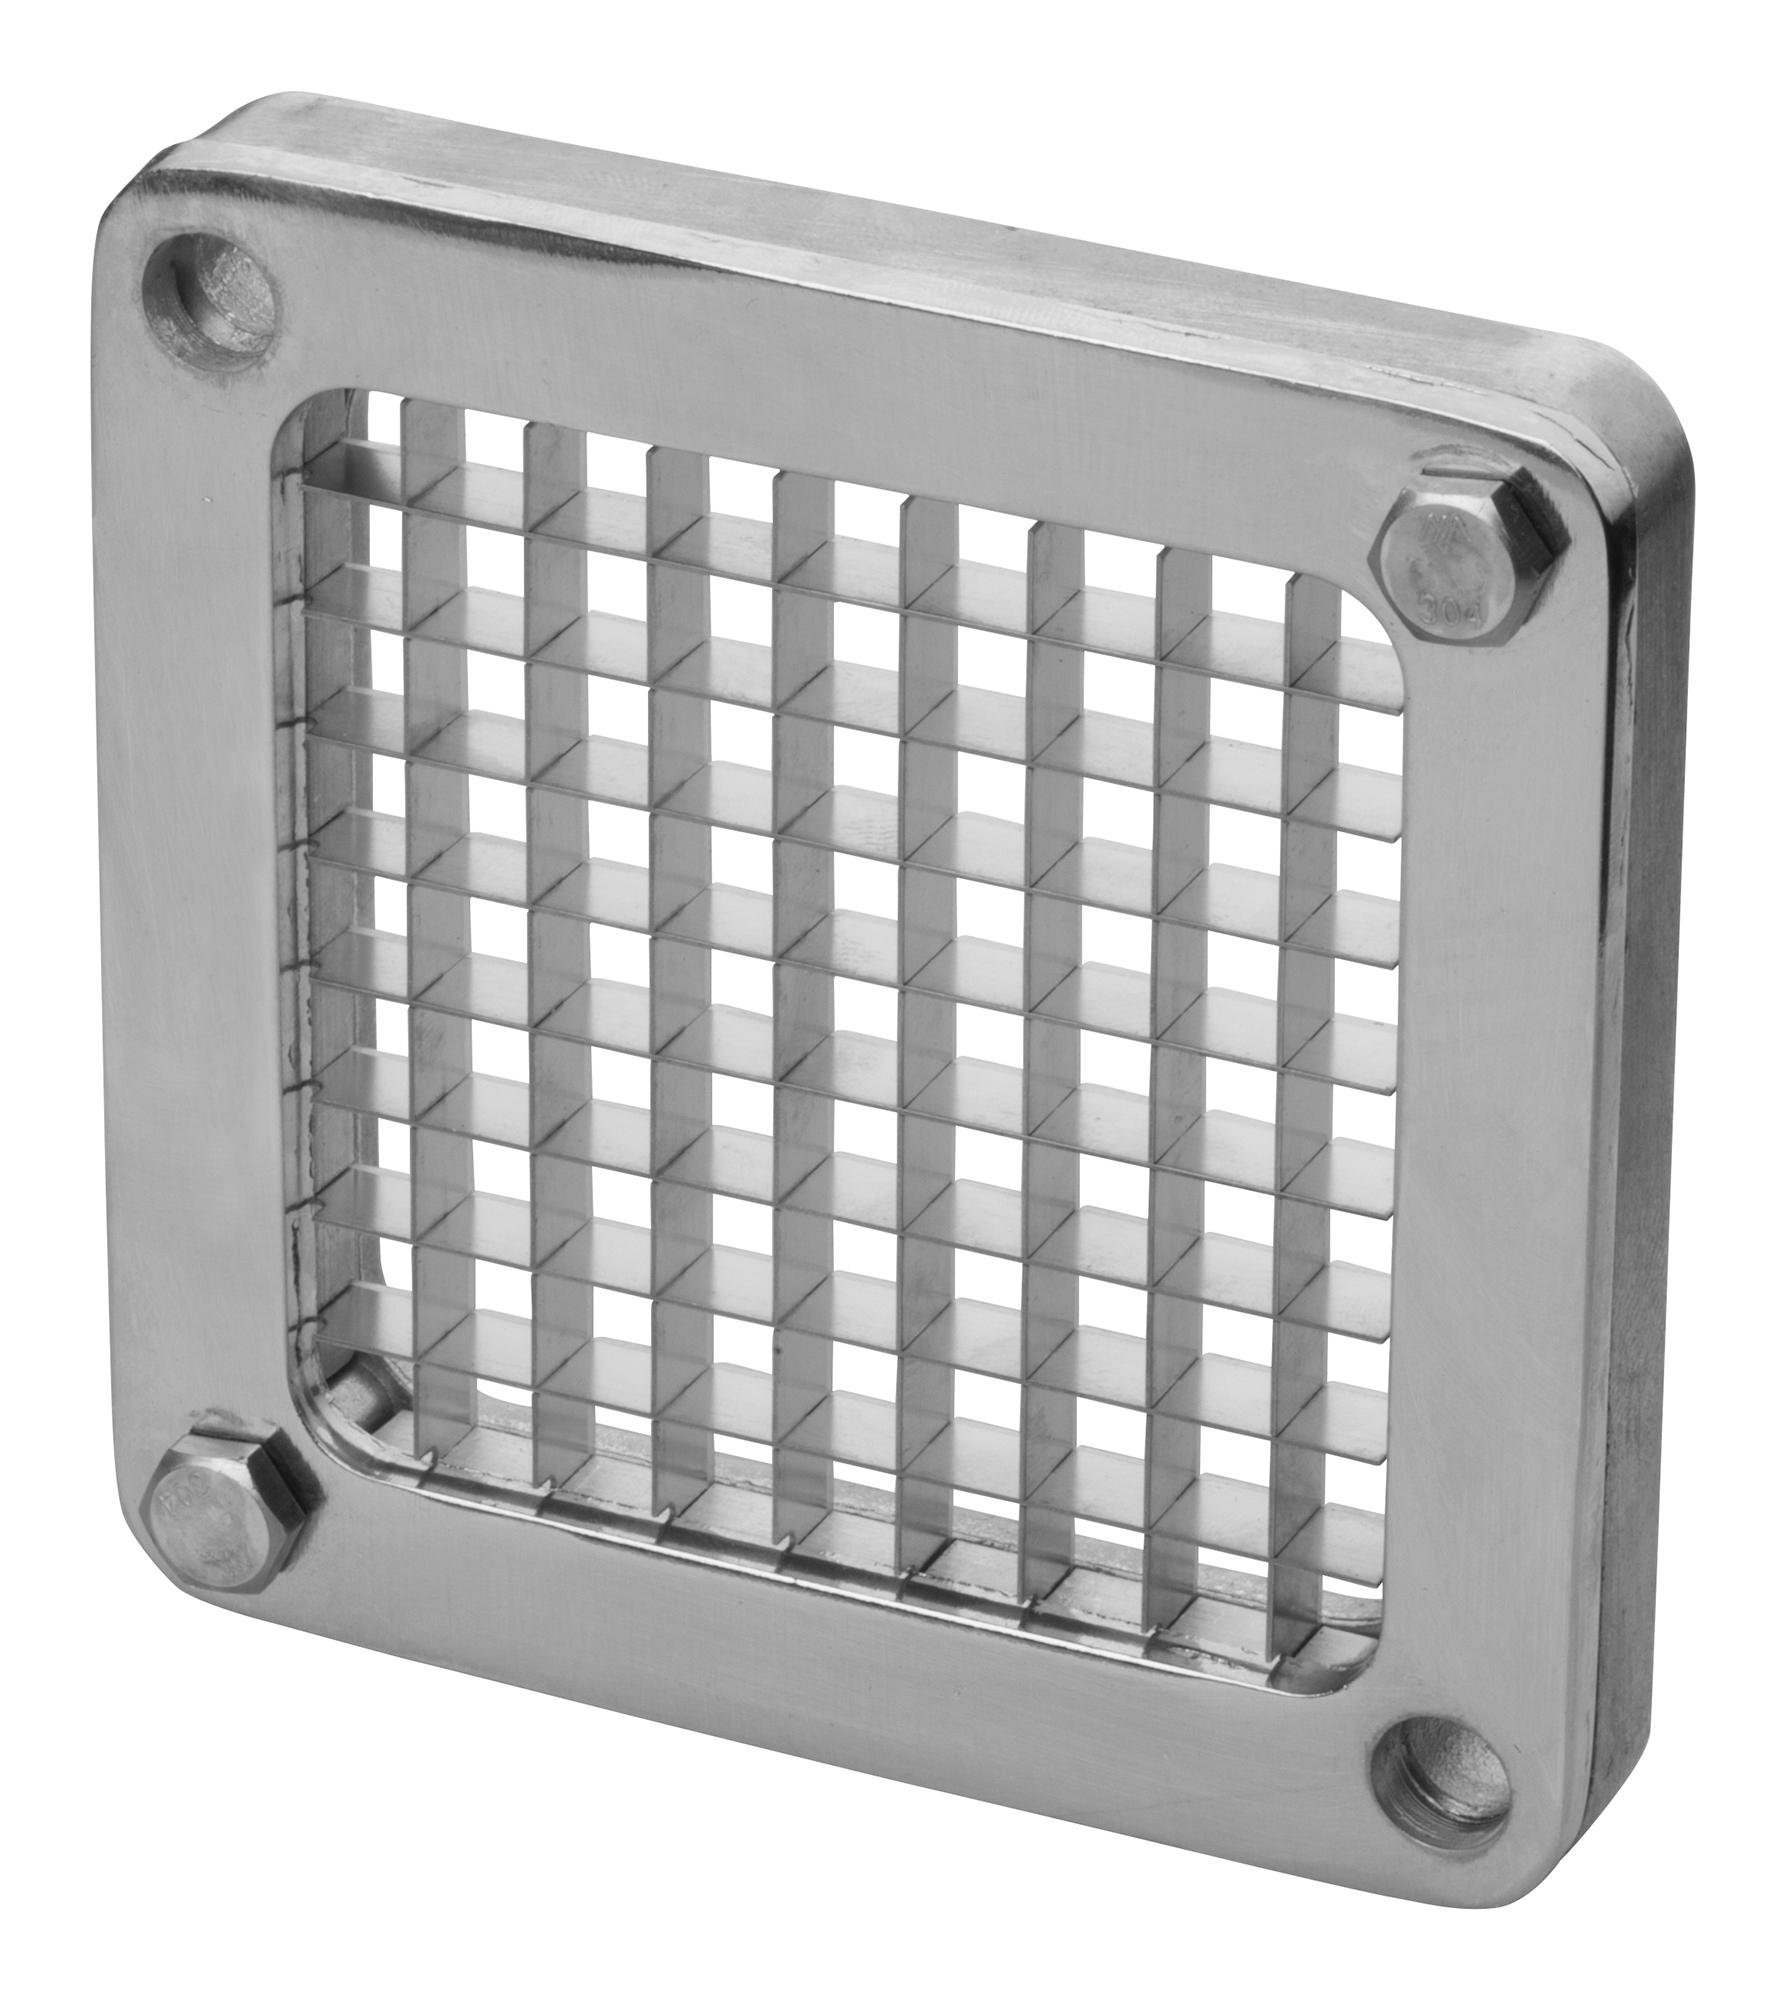 Winco HFC-375B countertop manual prep tools